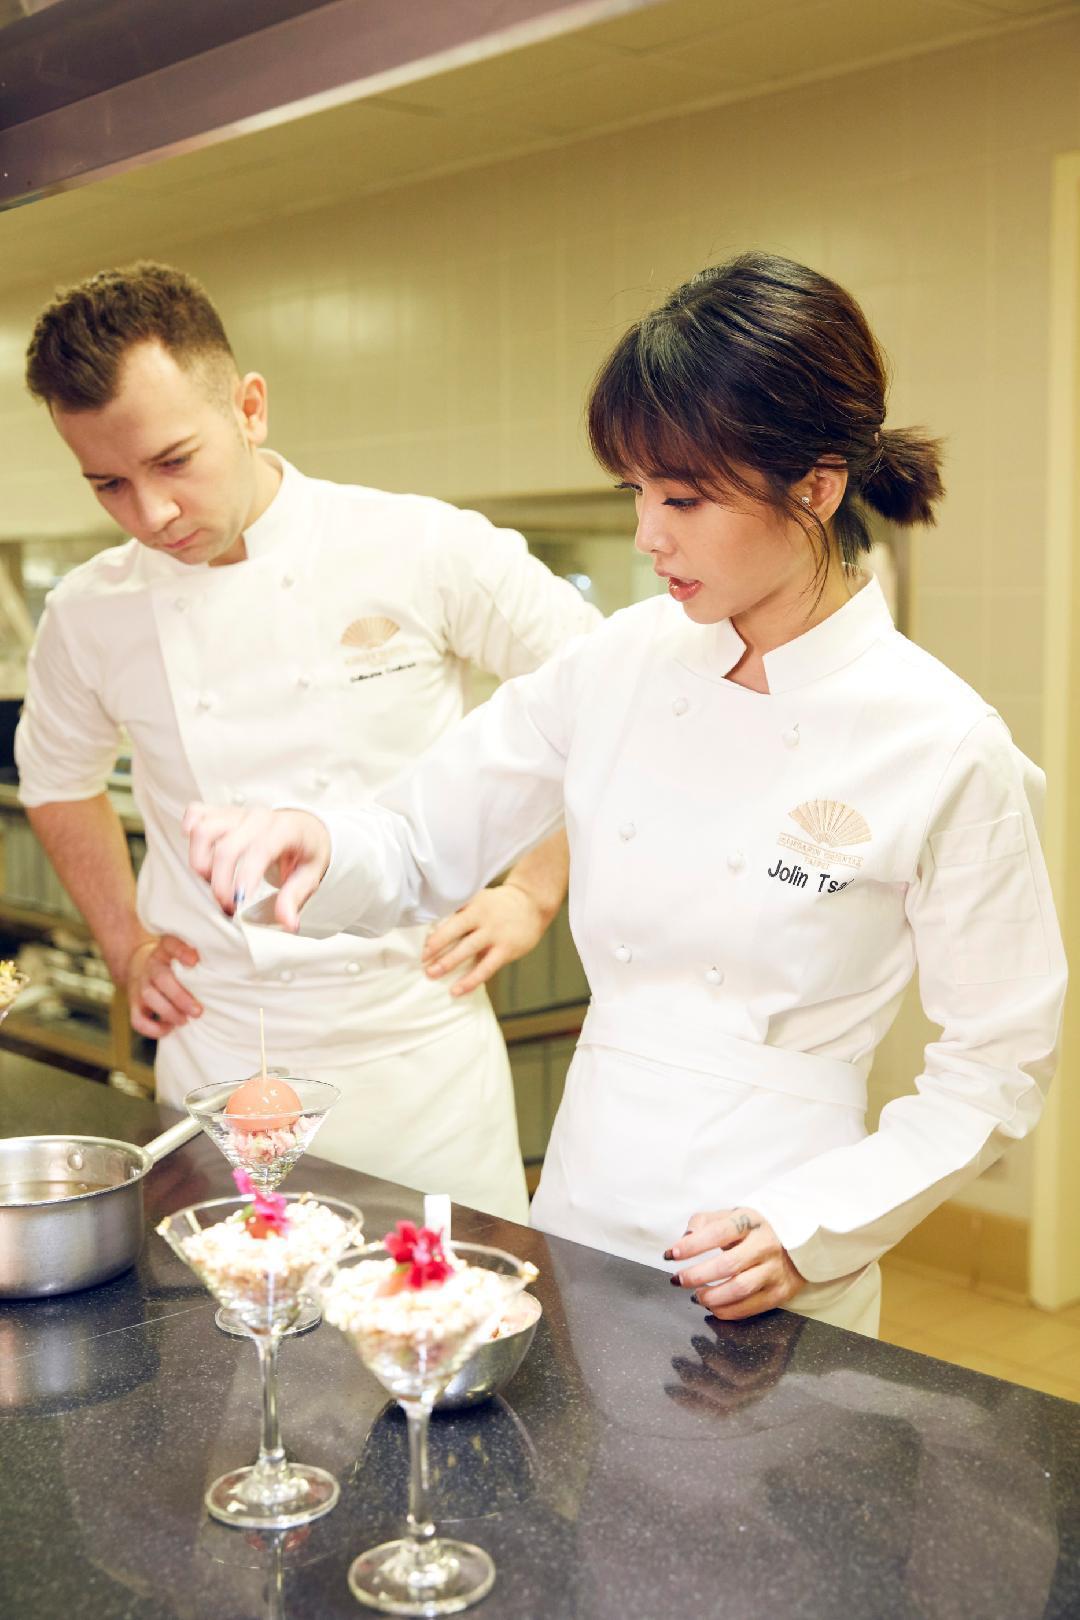 蔡依林穿著繡有自己名字「Jolin Tsai」的廚師服,看來架式十足。(凌時差提供)